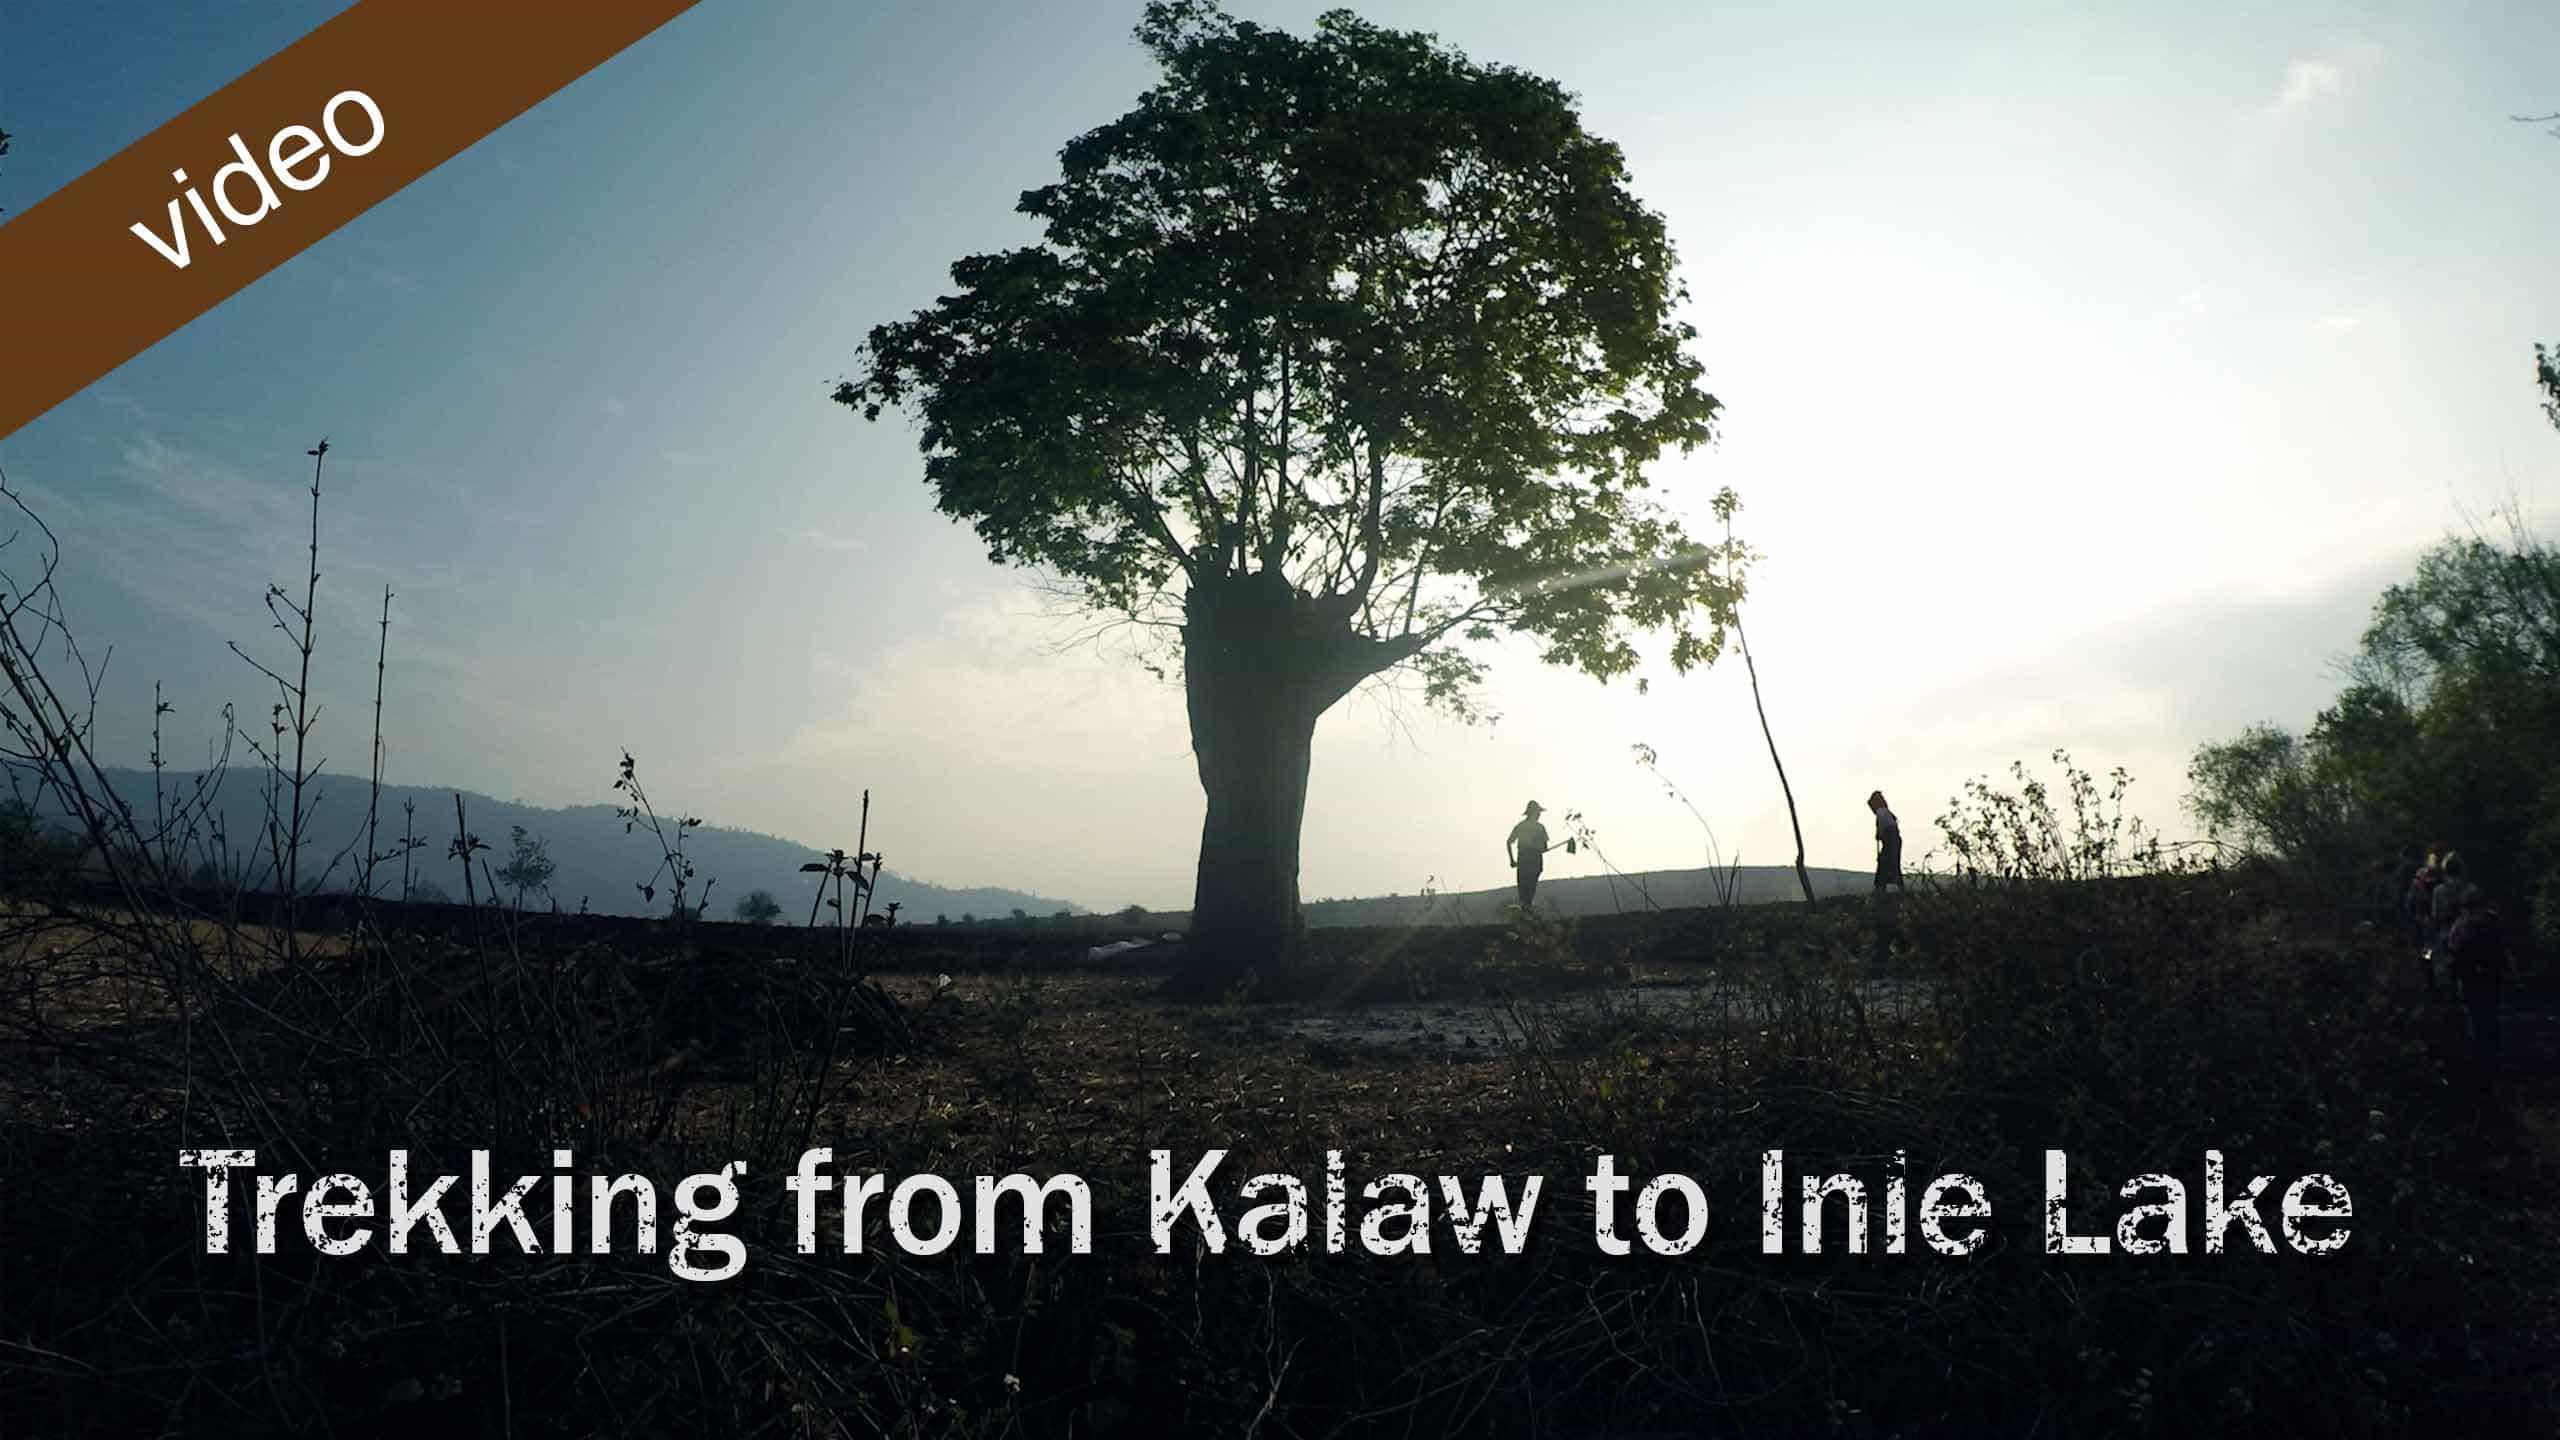 Kalaw To Inle Lake Video